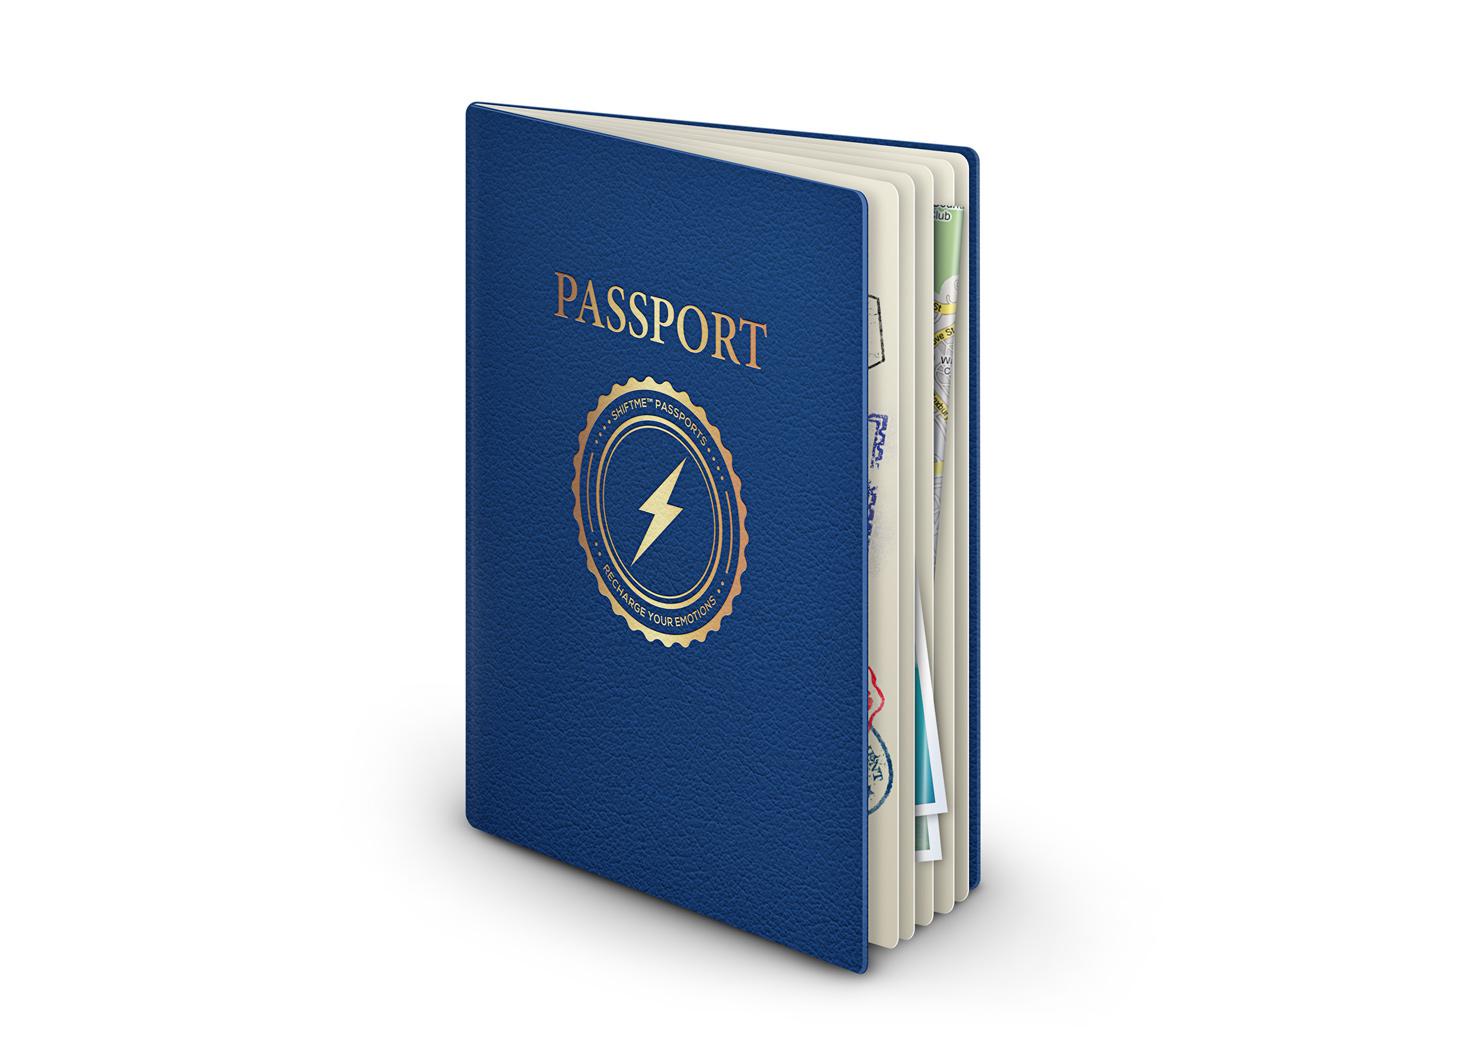 MS_Passport_2.jpg